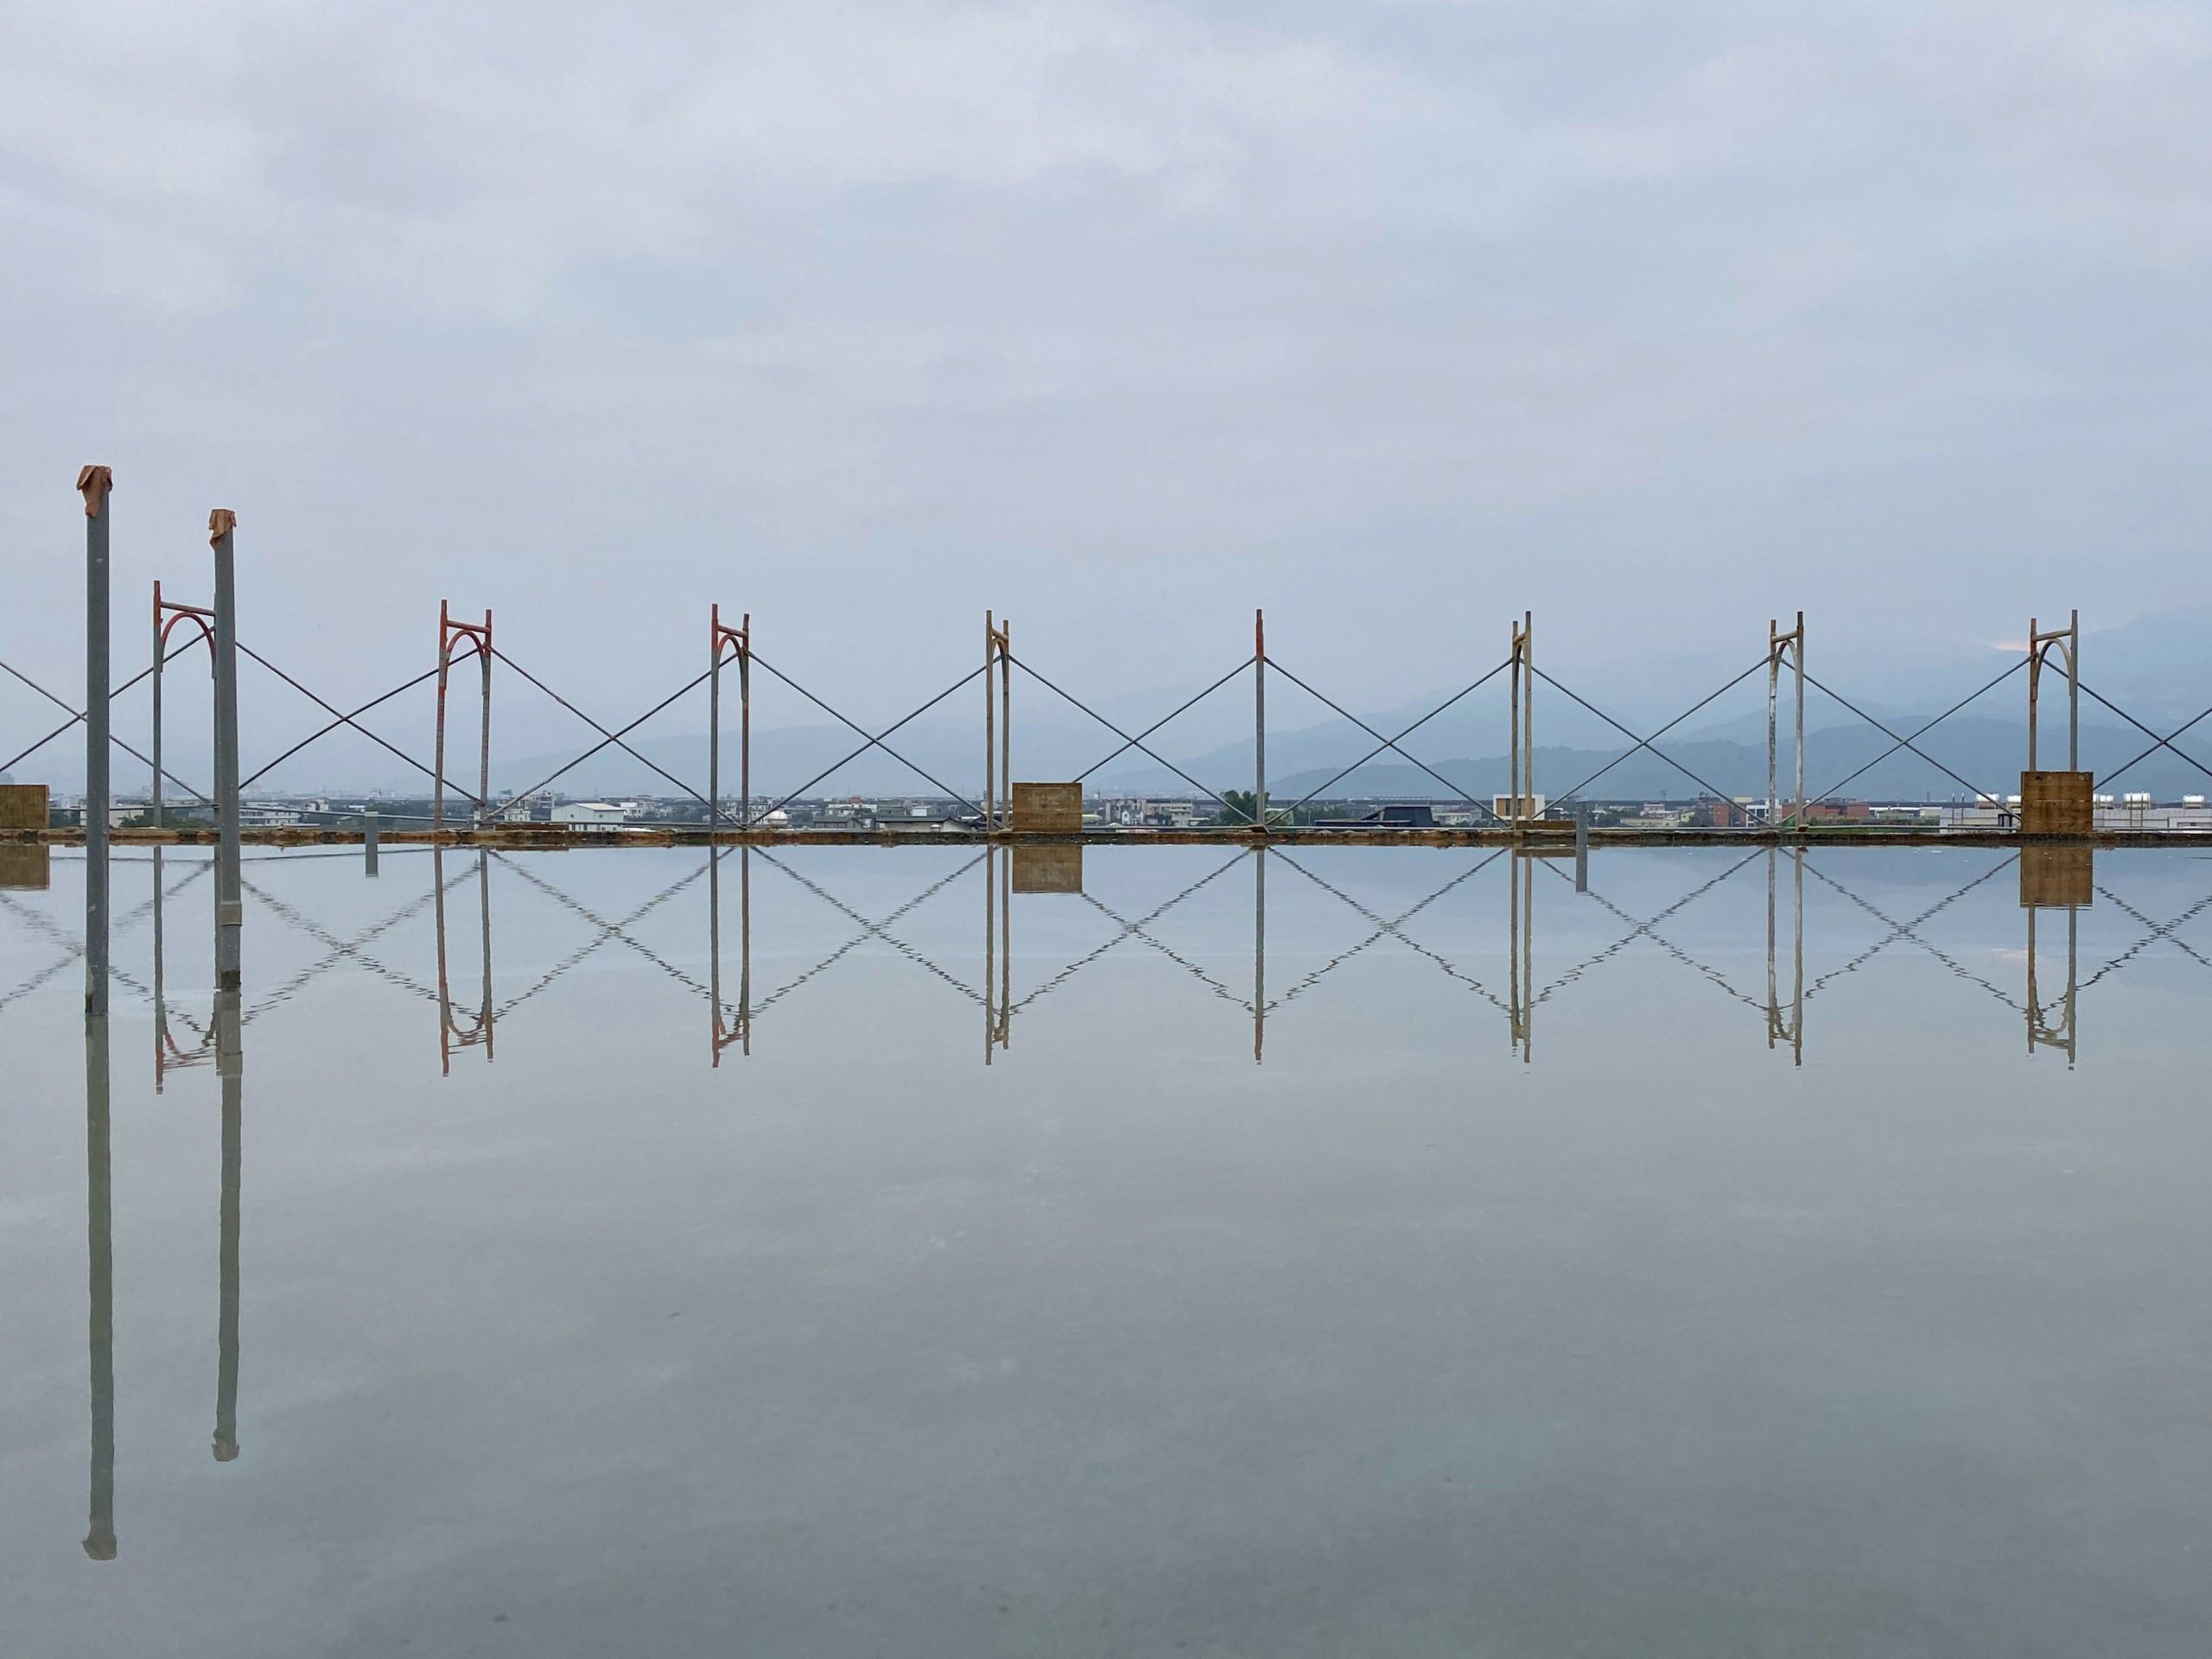 德築-DEZU-project-Zutian-architecture-real-estate-engineering-concrete-curing-11